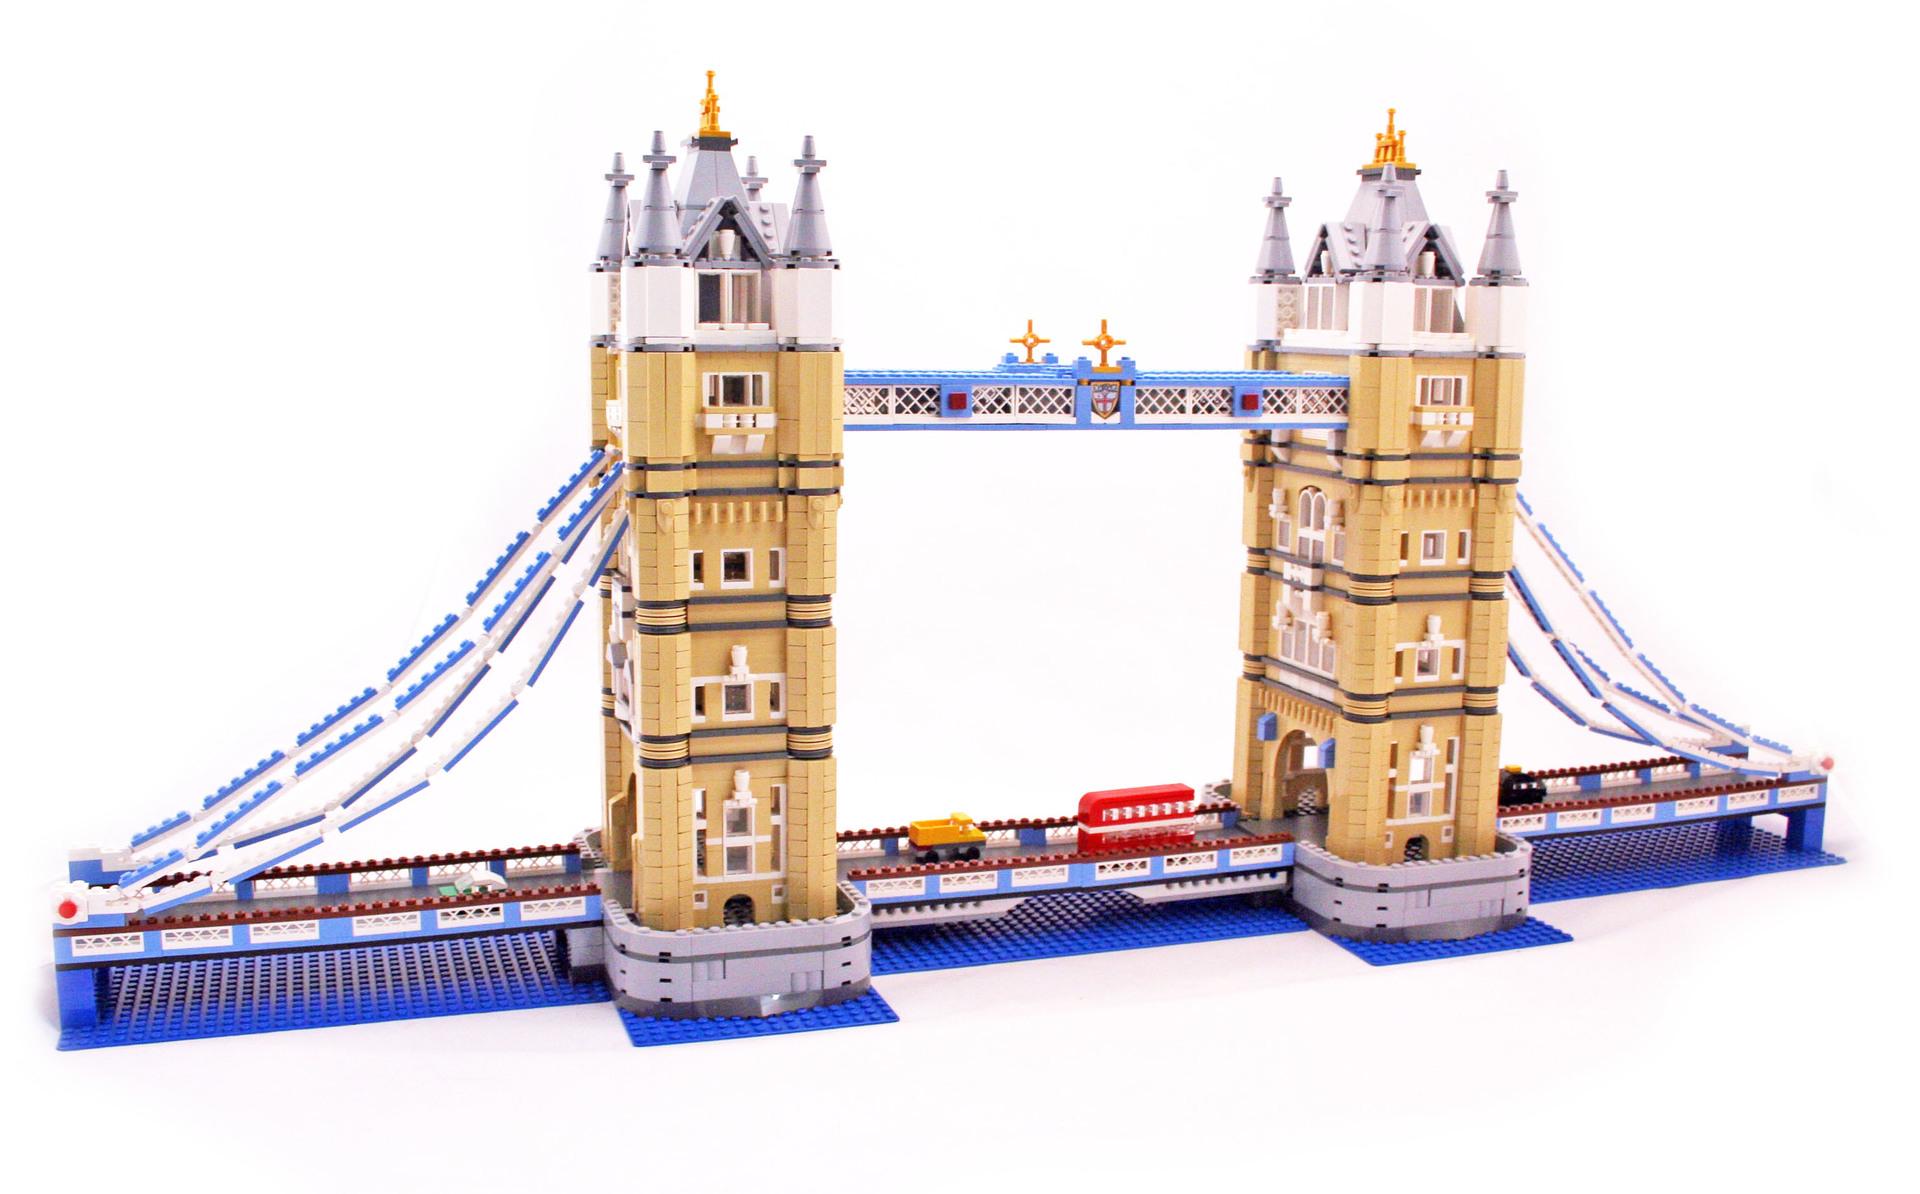 tower bridge lego set 10214 1 building sets creator. Black Bedroom Furniture Sets. Home Design Ideas